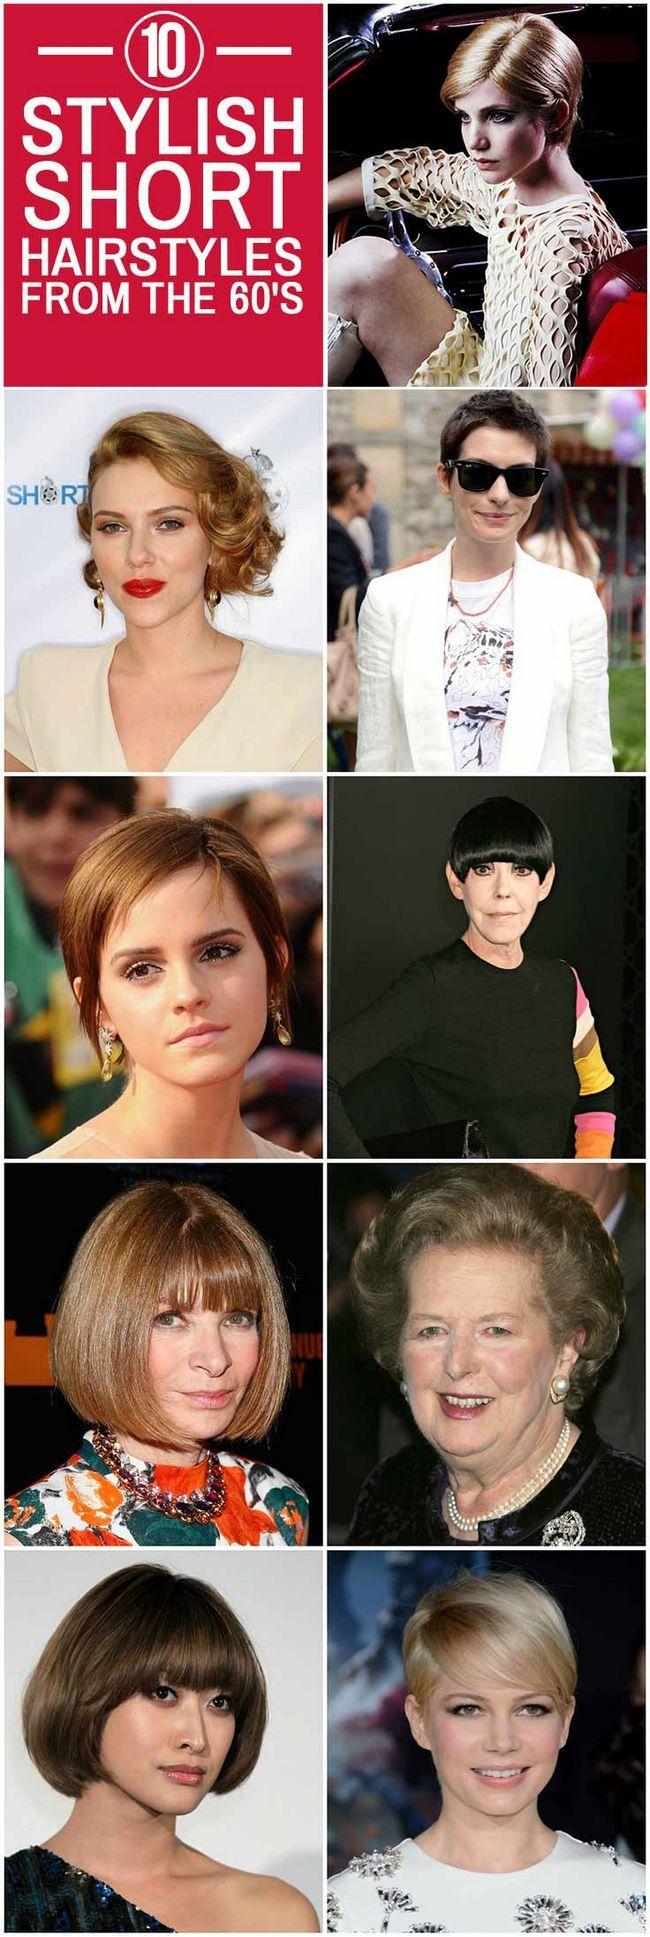 10 Stilvolle kurze Frisuren aus den 60er Jahren